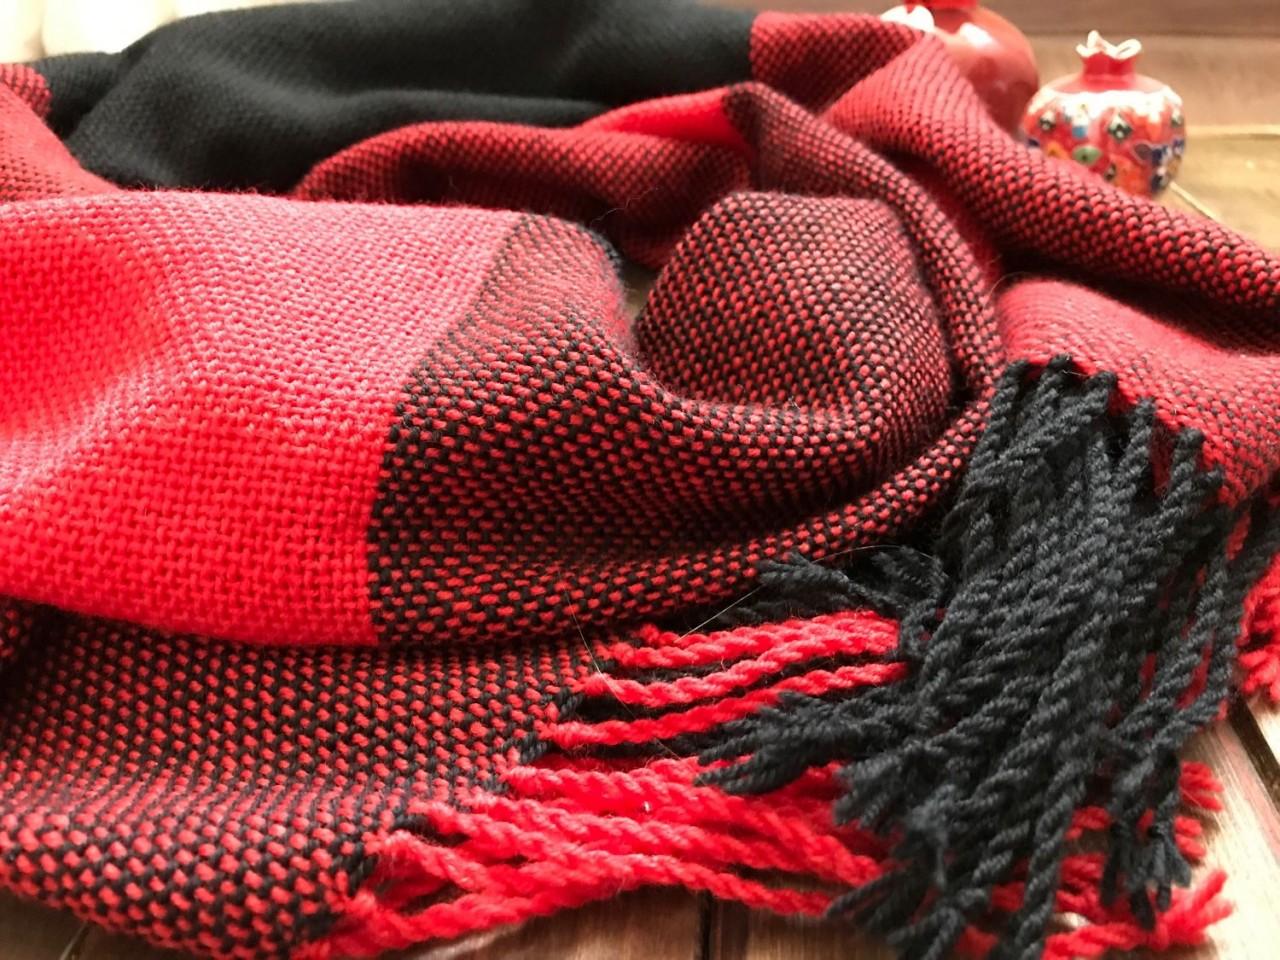 Королевское сочетание красного и чёрного: 15 шикарных образов